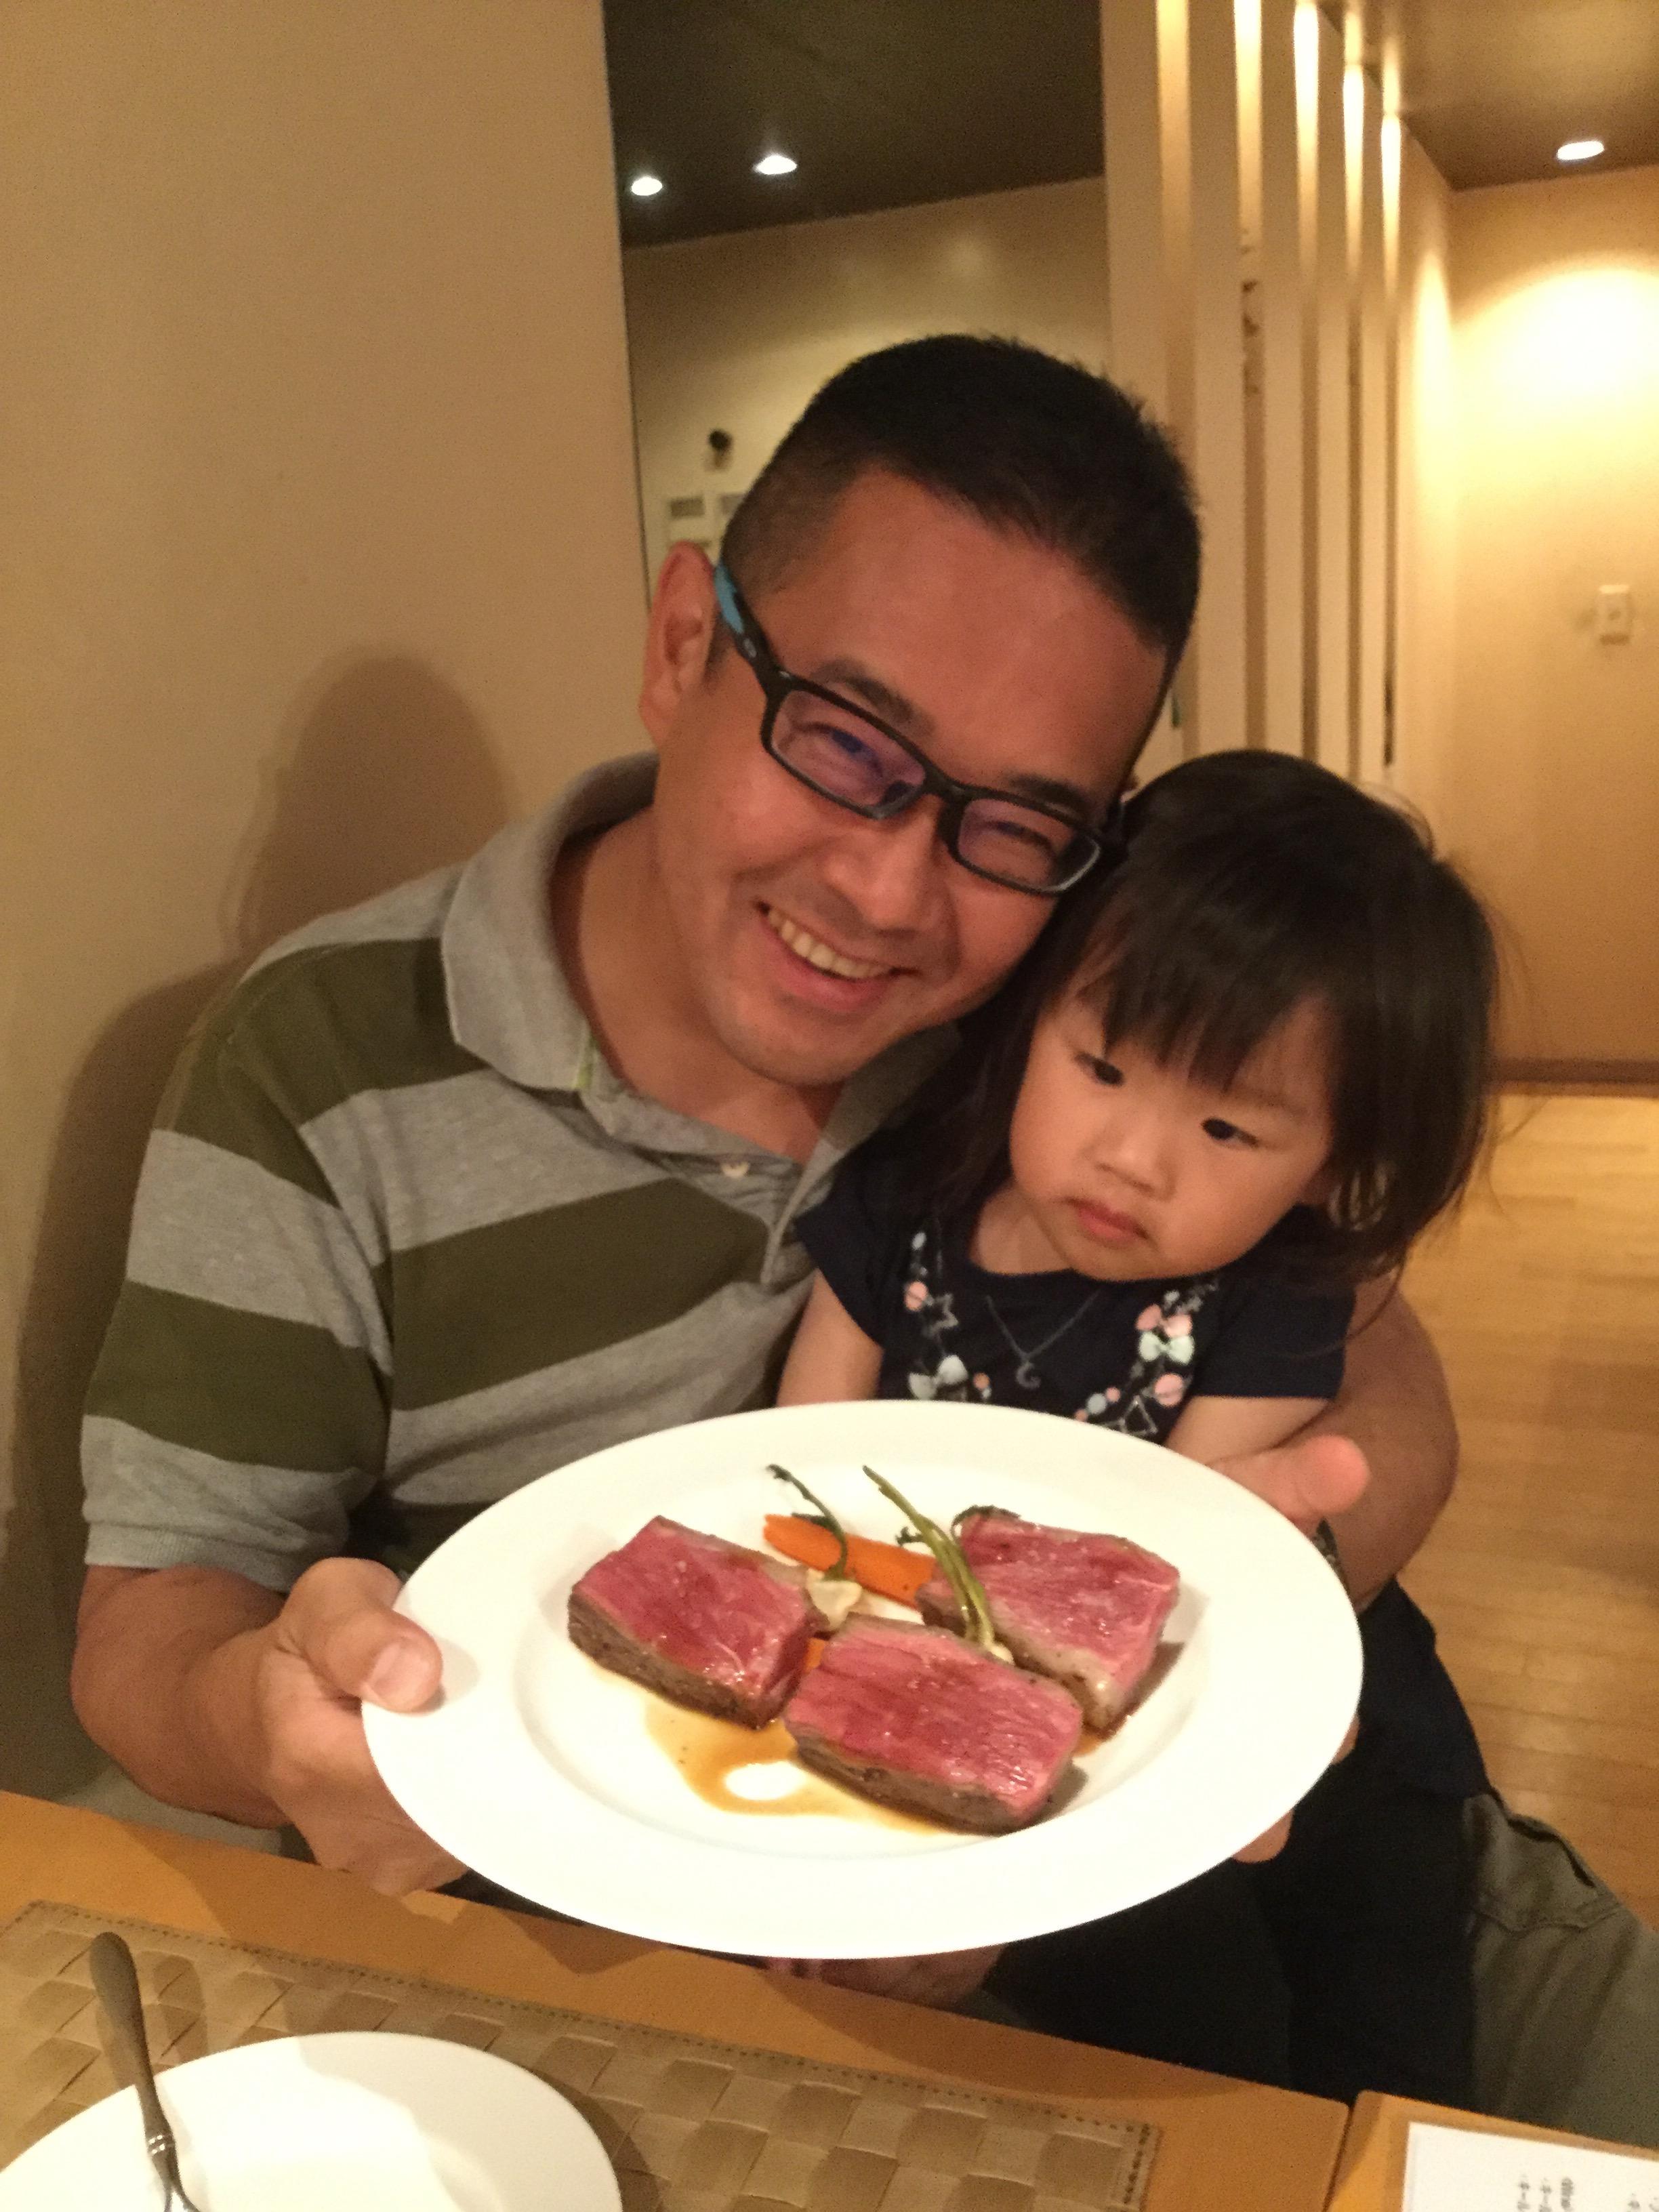 この子の七つのお祝いに(42歳ですけど)